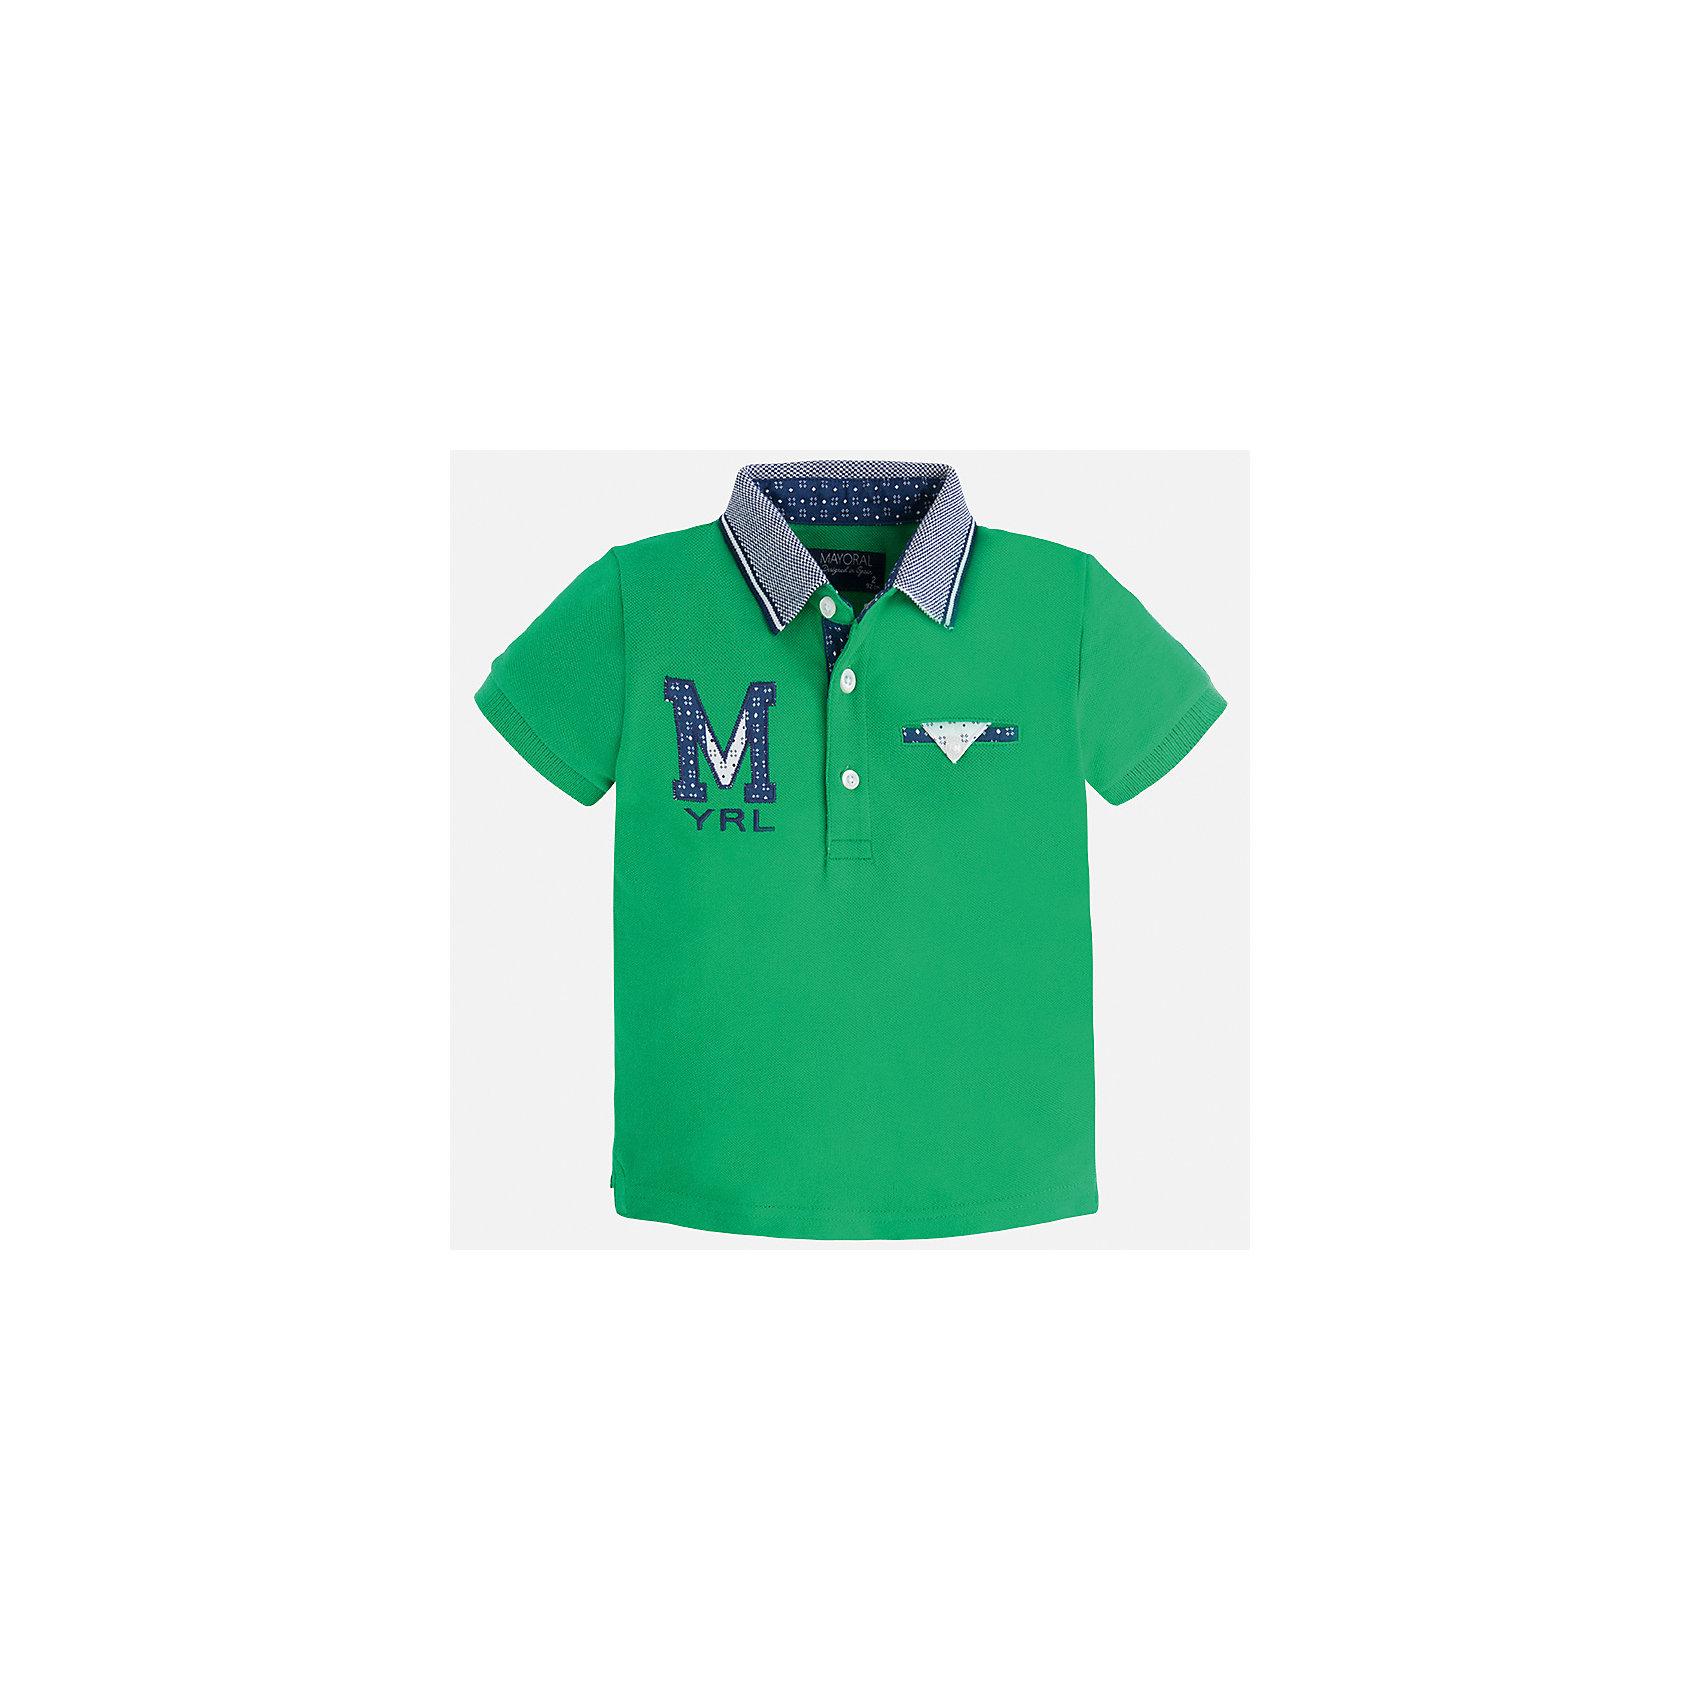 Футболка-поло для мальчика MayoralФутболки, поло и топы<br>Характеристики товара:<br><br>• цвет: зеленый<br>• состав: 100% хлопок<br>• отложной воротник<br>• приятный на ощупь материал<br>• застежка: пуговицы<br>• страна бренда: Испания<br><br>Стильная футболка-поло для мальчика может стать базовой вещью в гардеробе ребенка. Она отлично сочетается с брюками, шортами, джинсами и т.д. Универсальный крой и цвет позволяет подобрать к вещи низ разных расцветок. Практичное и стильное изделие! В составе материала - только натуральный хлопок, гипоаллергенный, приятный на ощупь, дышащий.<br><br>Одежда, обувь и аксессуары от испанского бренда Mayoral полюбились детям и взрослым по всему миру. Модели этой марки - стильные и удобные. Для их производства используются только безопасные, качественные материалы и фурнитура. Порадуйте ребенка модными и красивыми вещами от Mayoral! <br><br>Футболку-поло для мальчика от испанского бренда Mayoral (Майорал) можно купить в нашем интернет-магазине.<br><br>Ширина мм: 230<br>Глубина мм: 40<br>Высота мм: 220<br>Вес г: 250<br>Цвет: зеленый<br>Возраст от месяцев: 96<br>Возраст до месяцев: 108<br>Пол: Мужской<br>Возраст: Детский<br>Размер: 122,128,116,110,104,134,92,98<br>SKU: 5271958